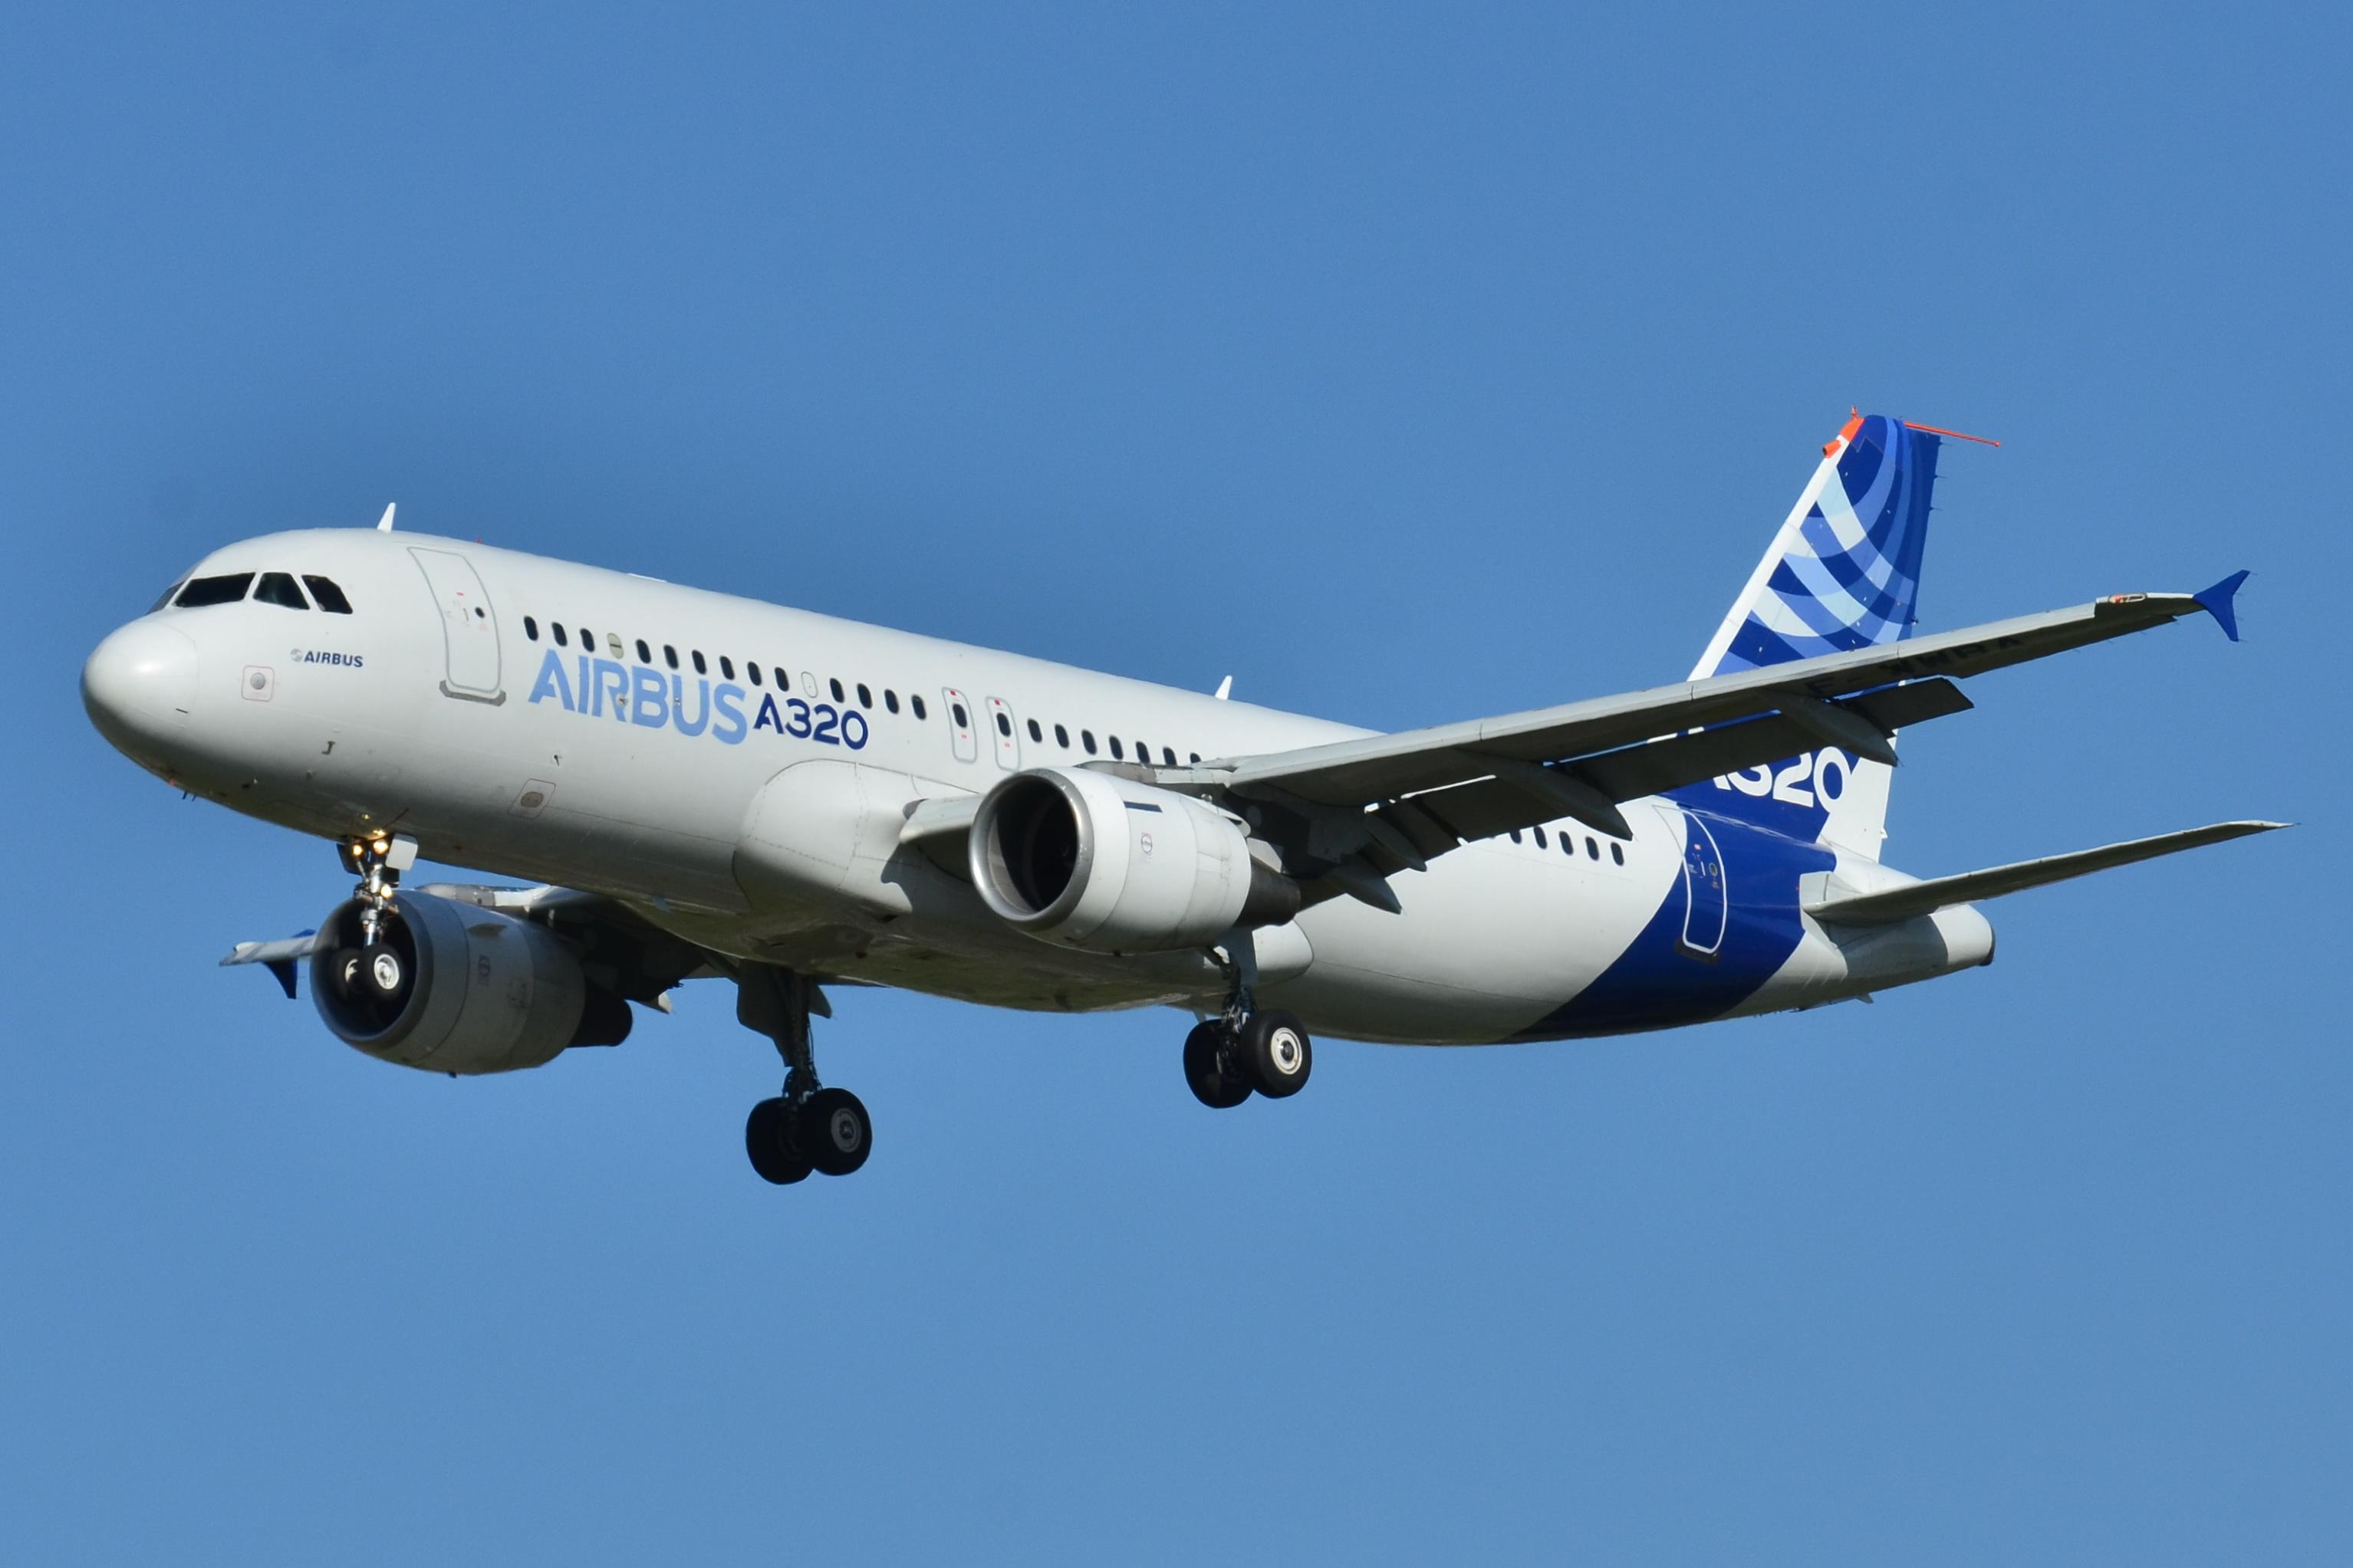 Eine Airbus-Maschine A320; Quelle: Wikipedia